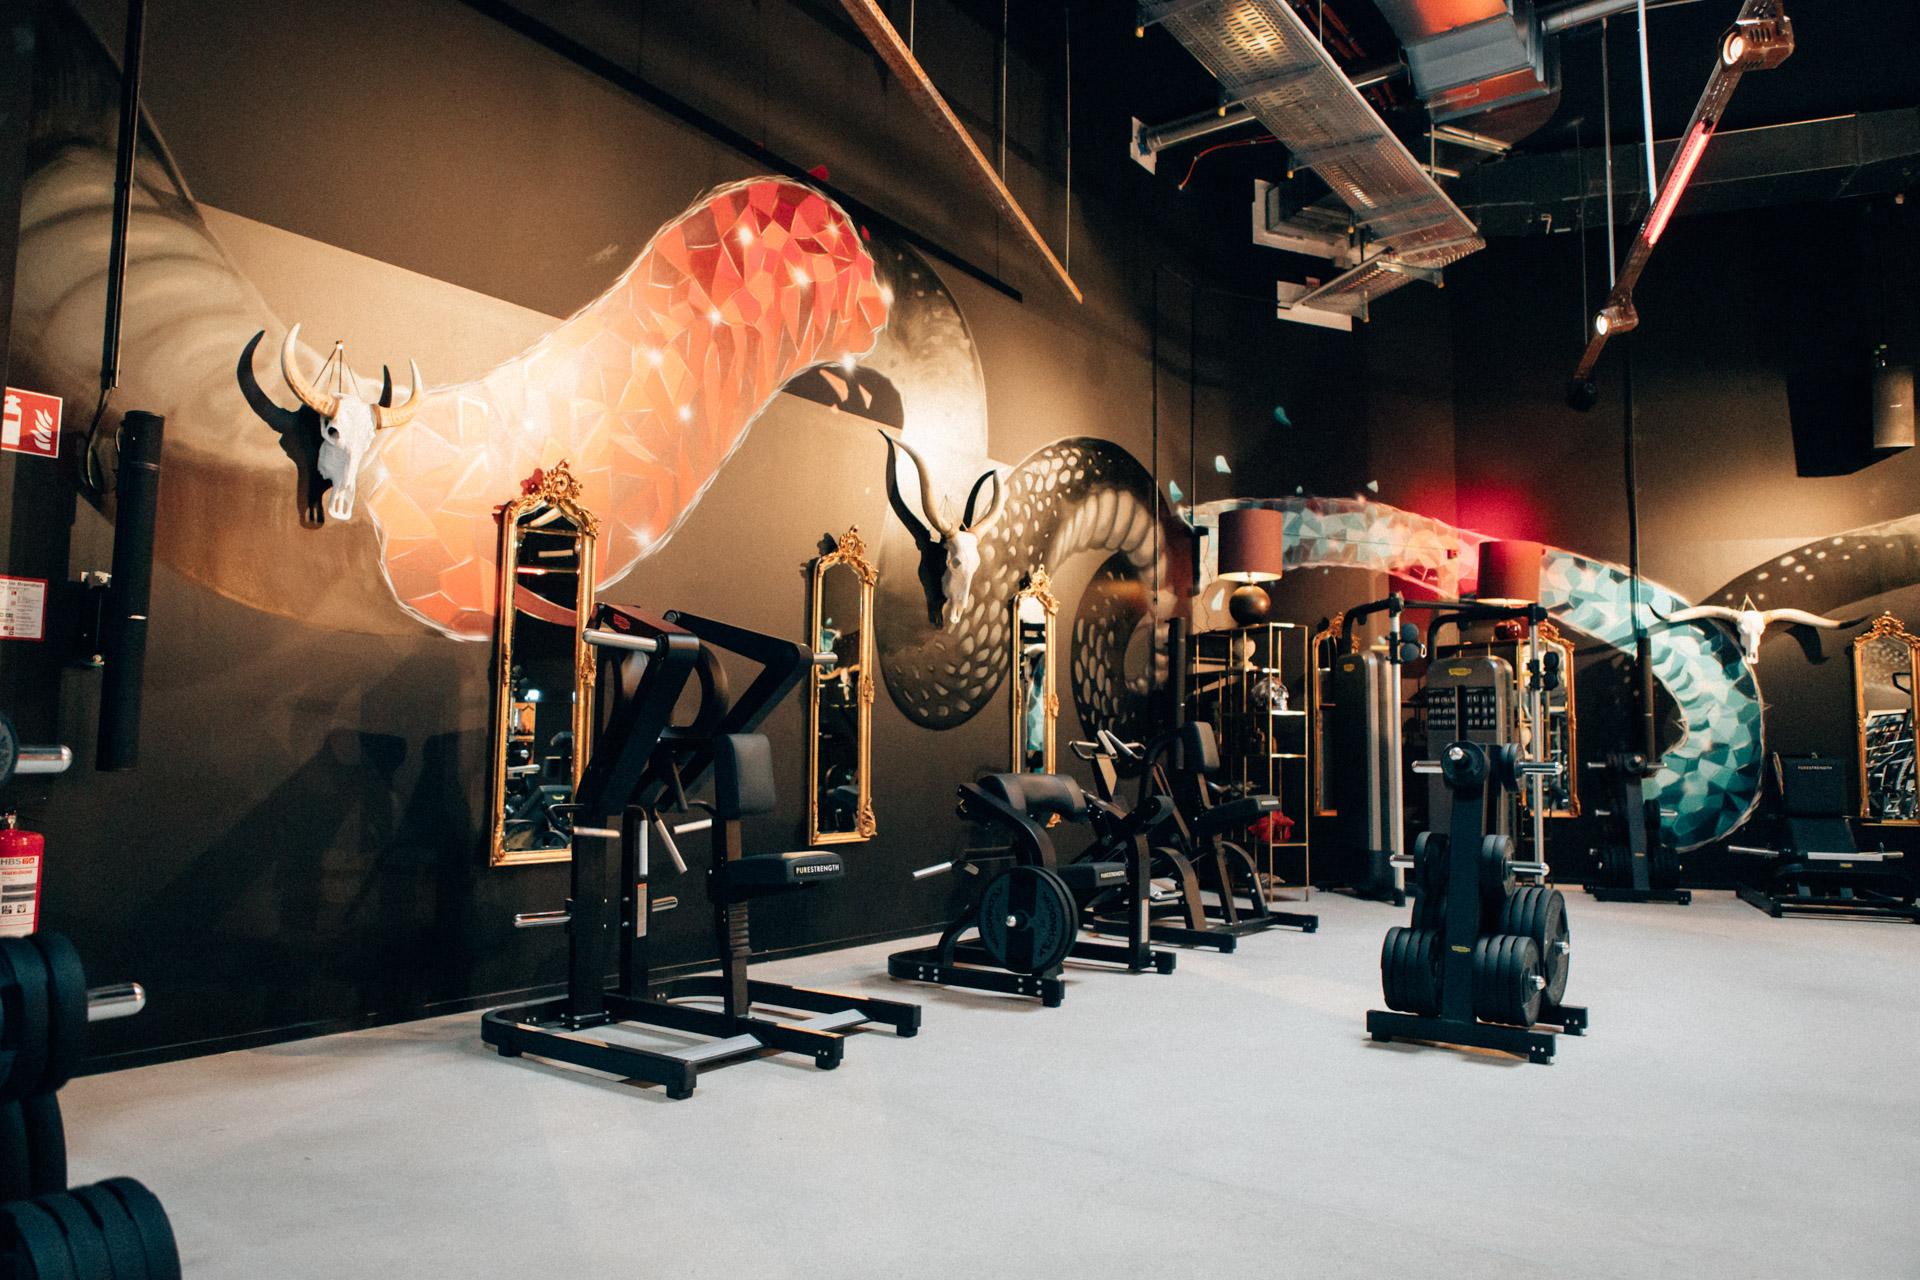 John Reed Fitness - SILVER-Mitgliedschaft - bis zu 240€ sparen (Neueröffnungsangebot Club Duisburg & Wuppertal)